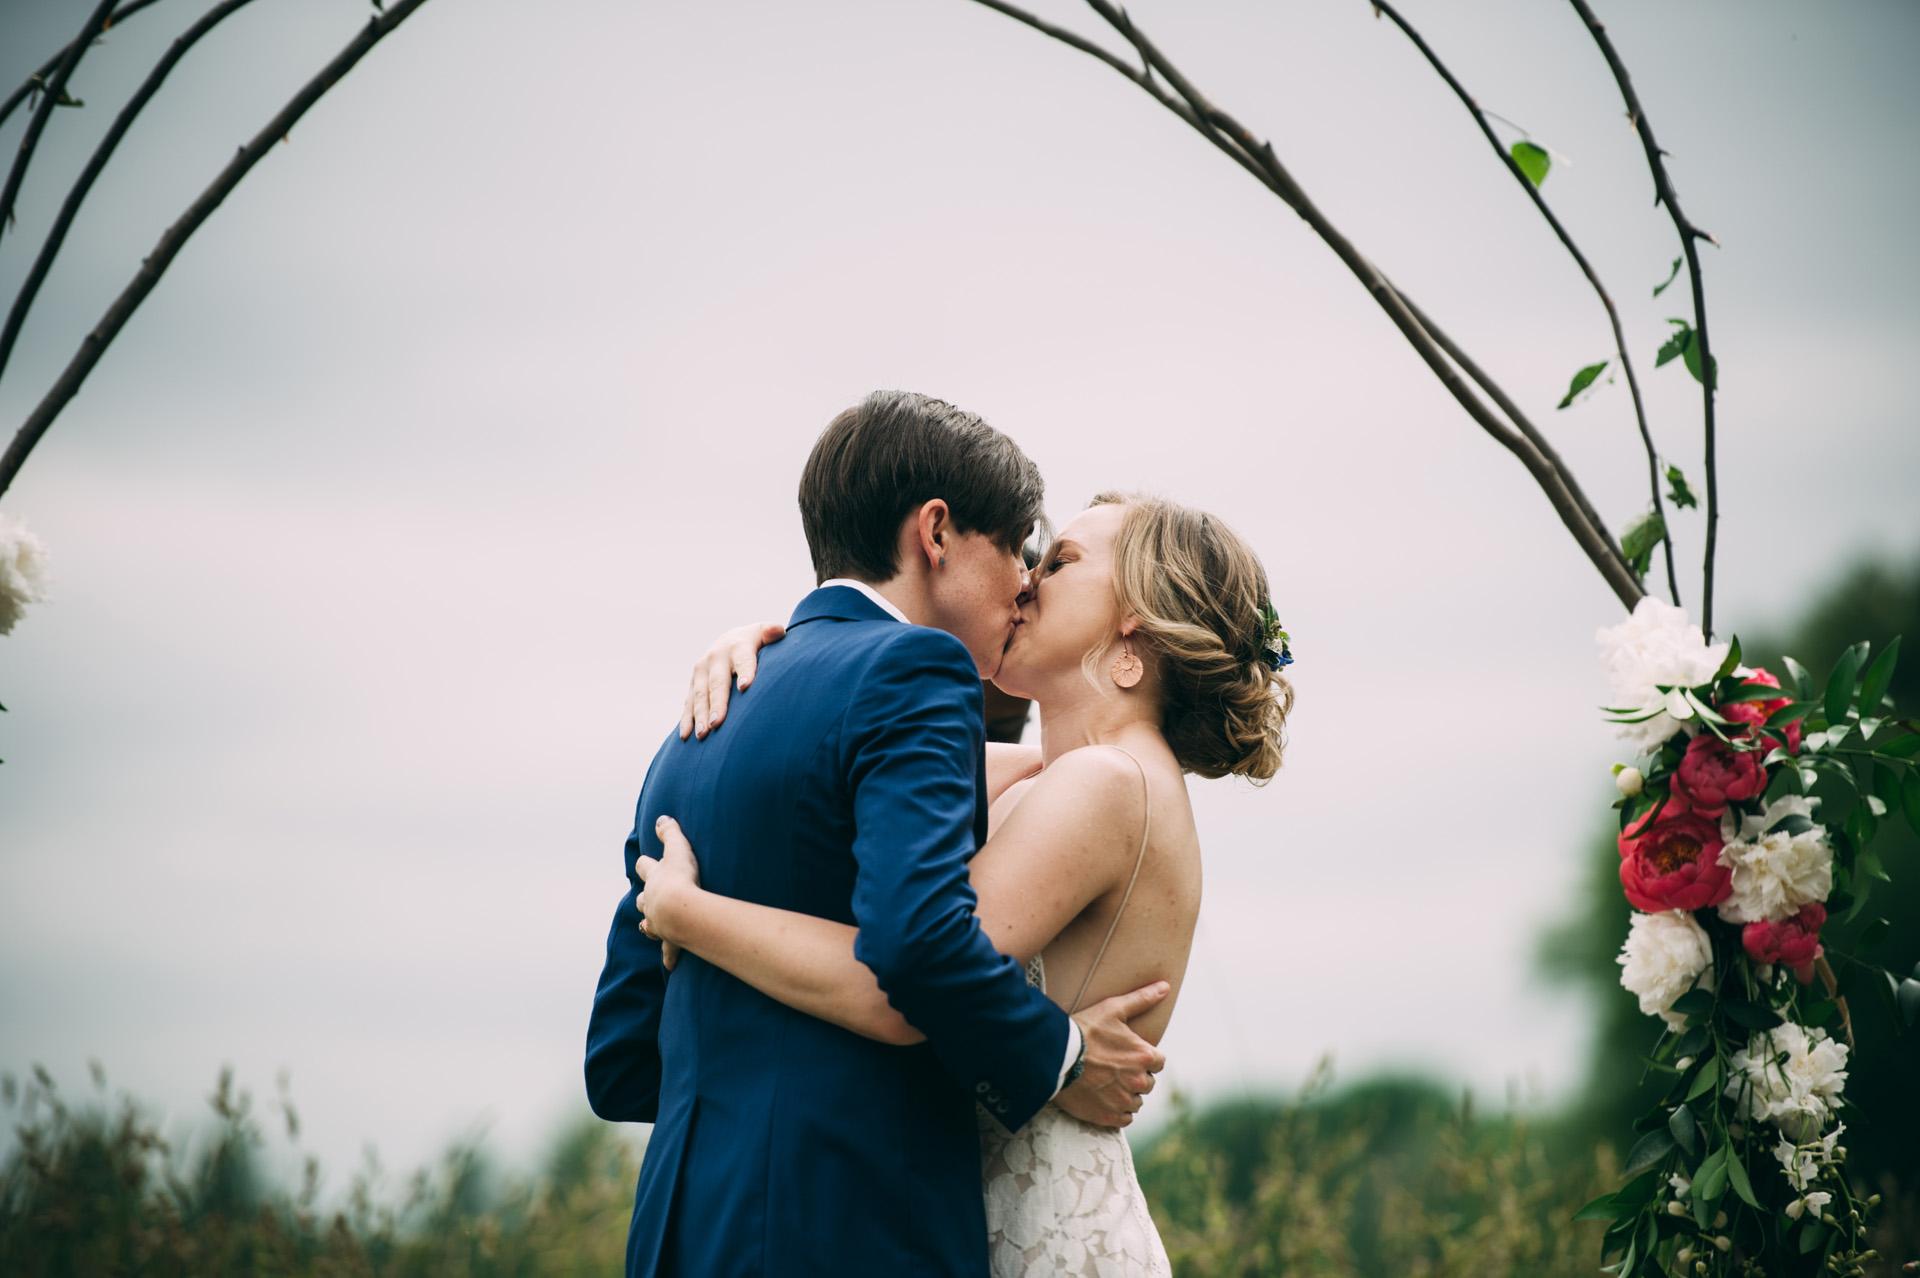 broadturn-farm-wedding-45